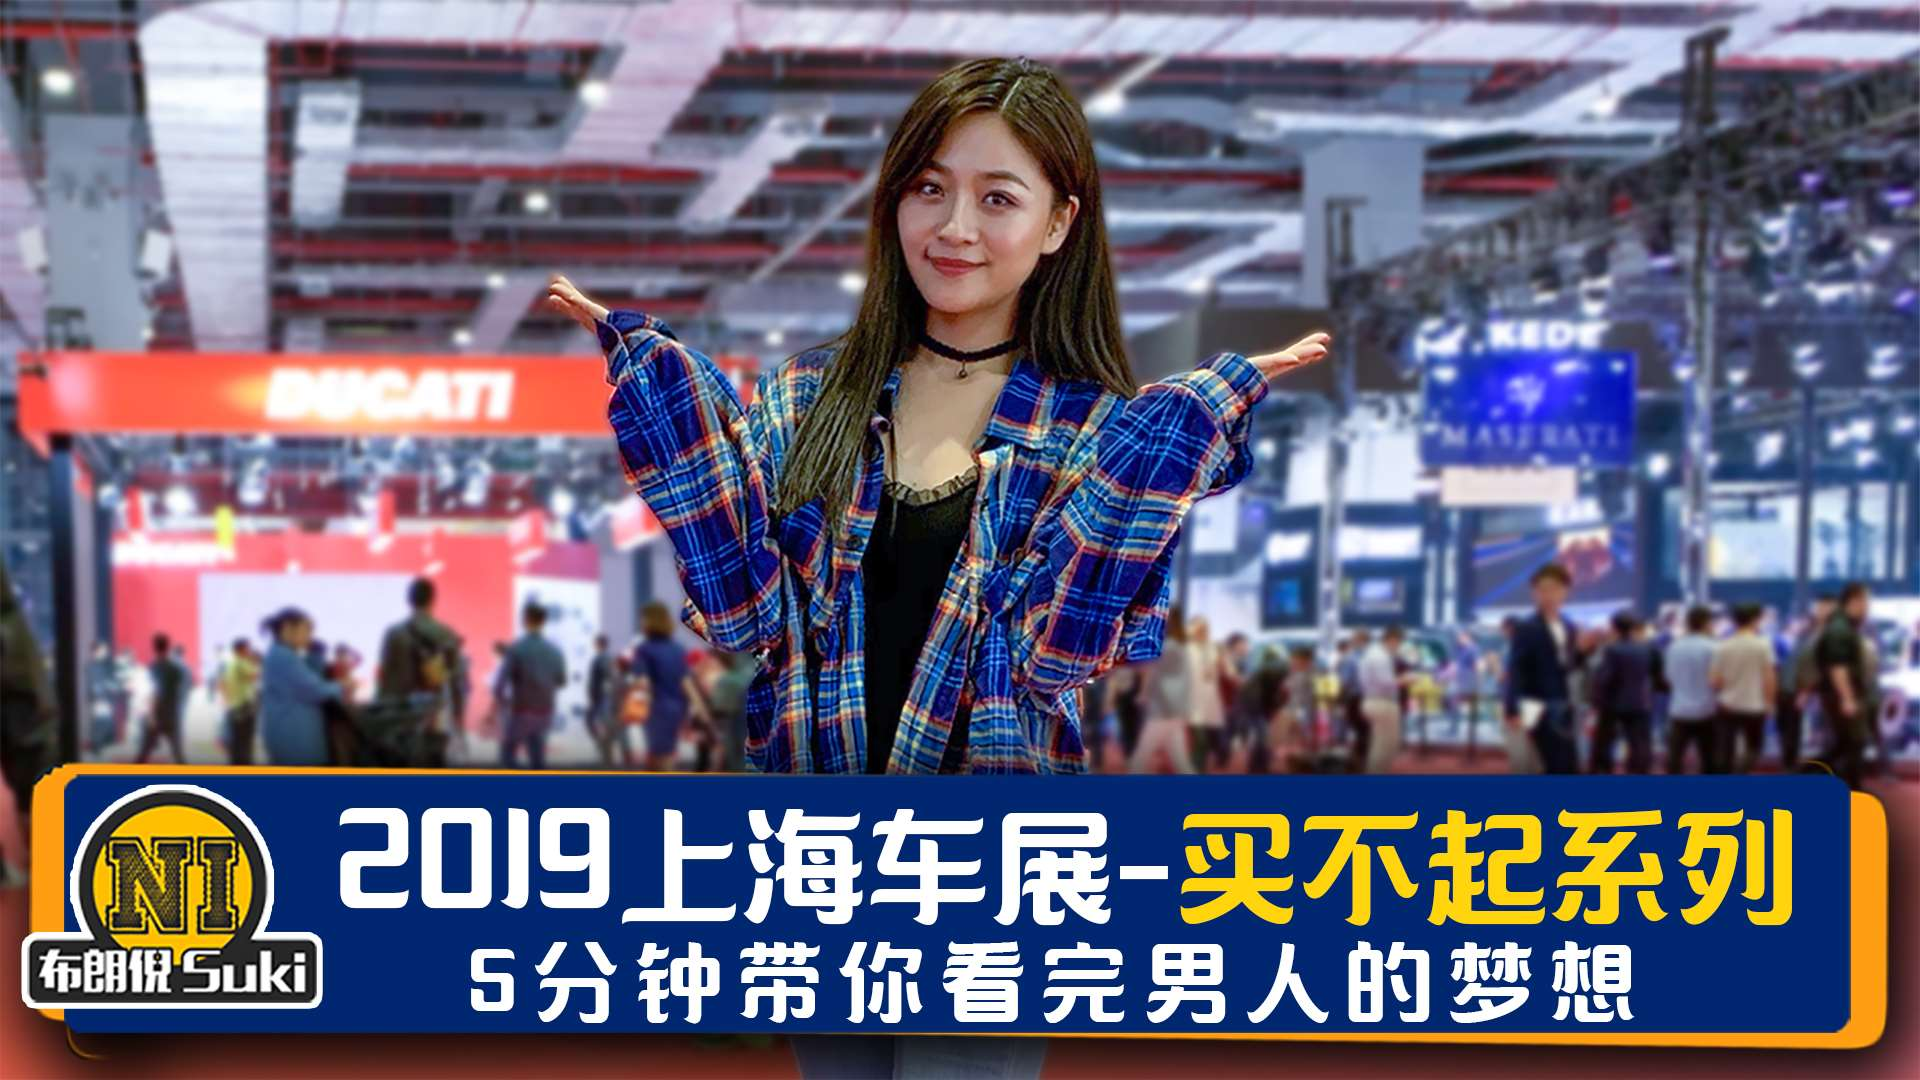 2019上海车展:5分钟带你看完男人的梦想